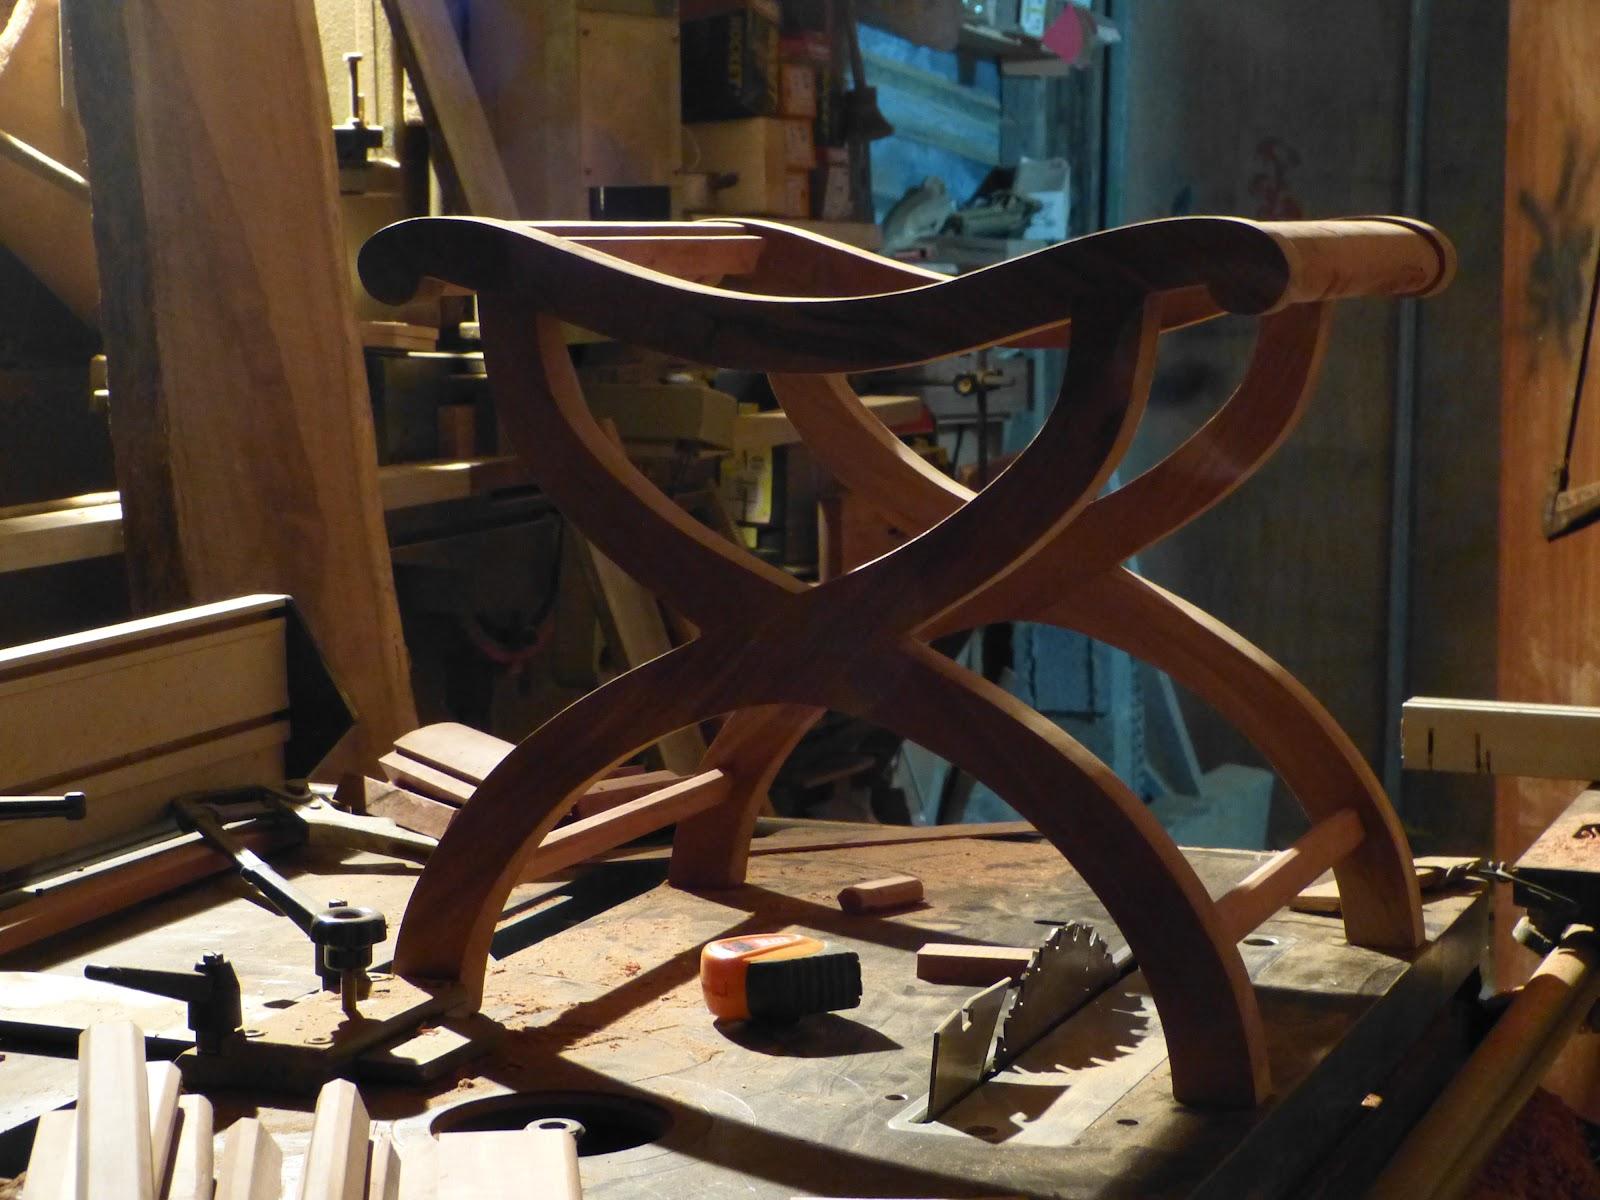 Meubles cr oles l 39 artisan du bois for Artisan du meuble